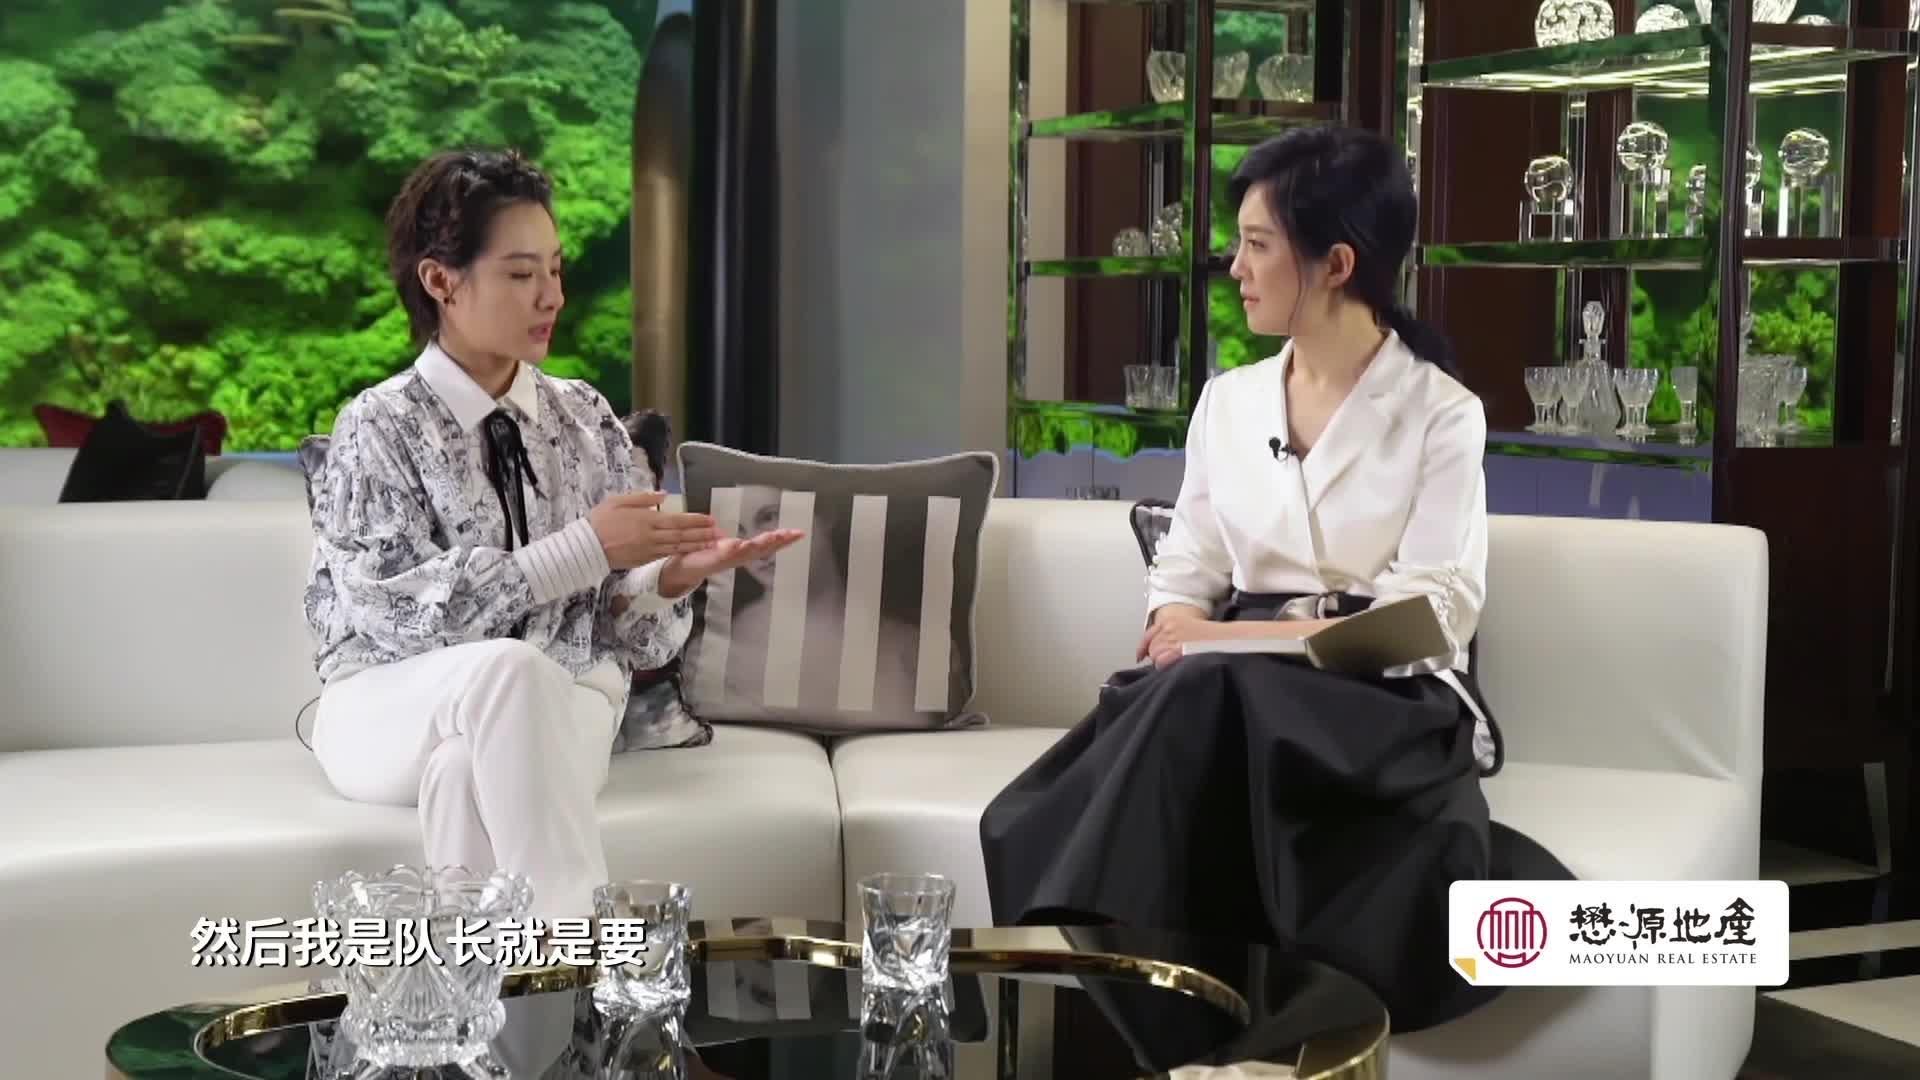 《这局有料儿》身为队长刘璇是怎么样体现她的责任感